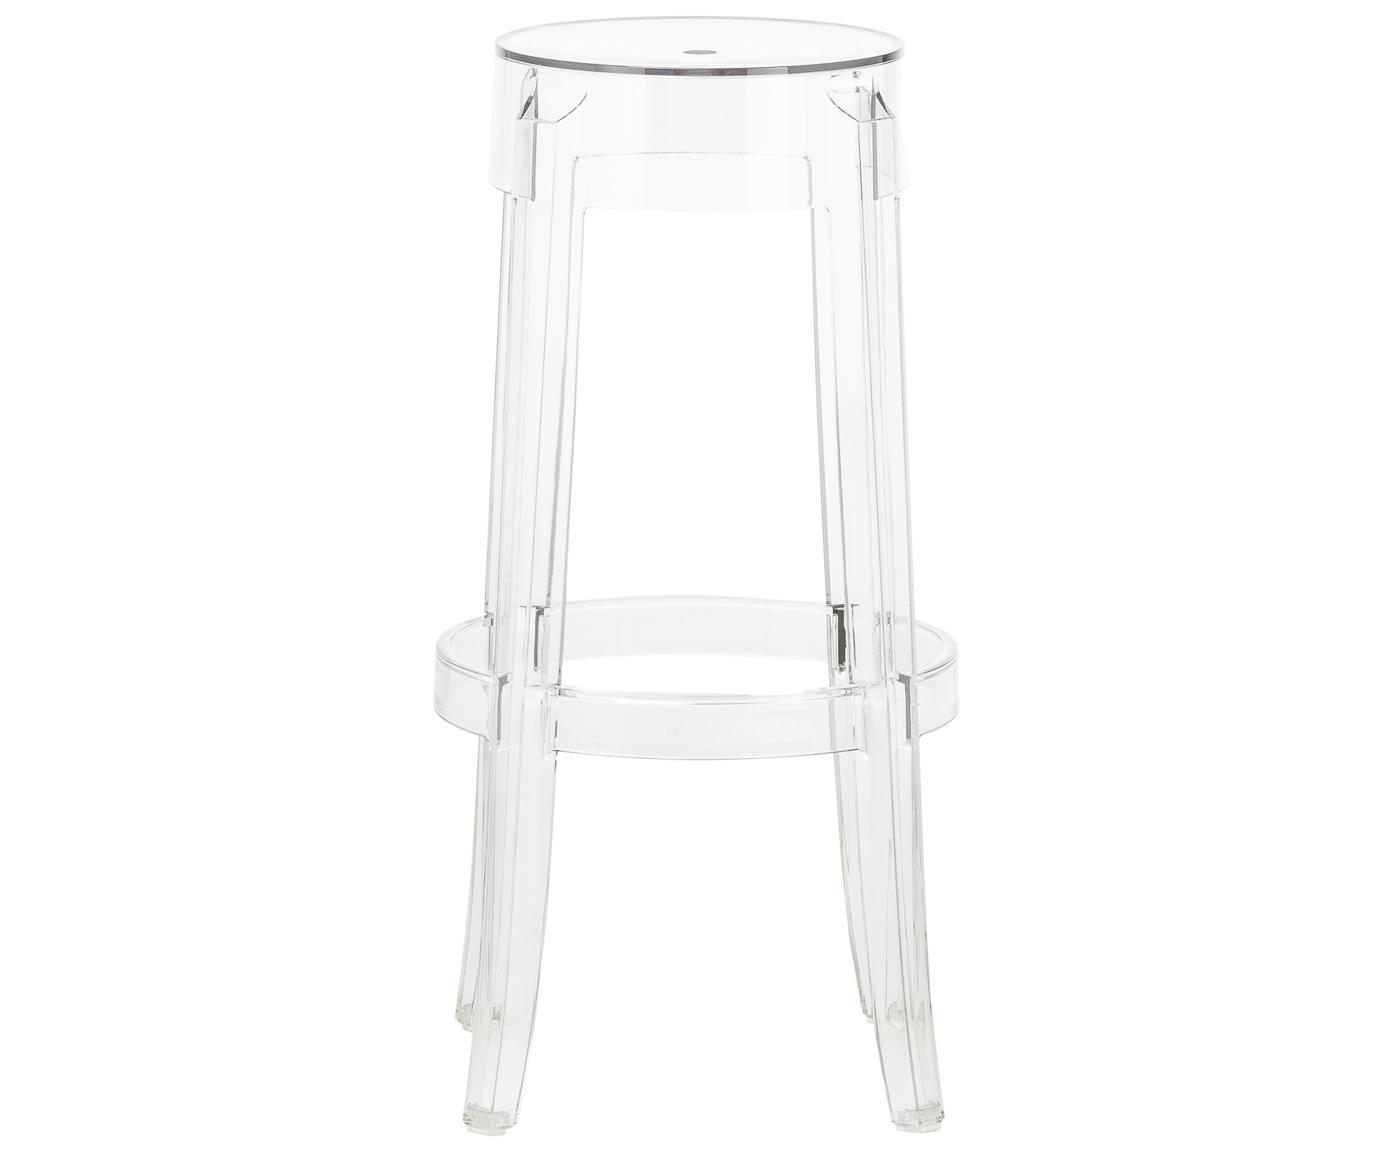 Průhledná barová stolička Ghost, Transparentní